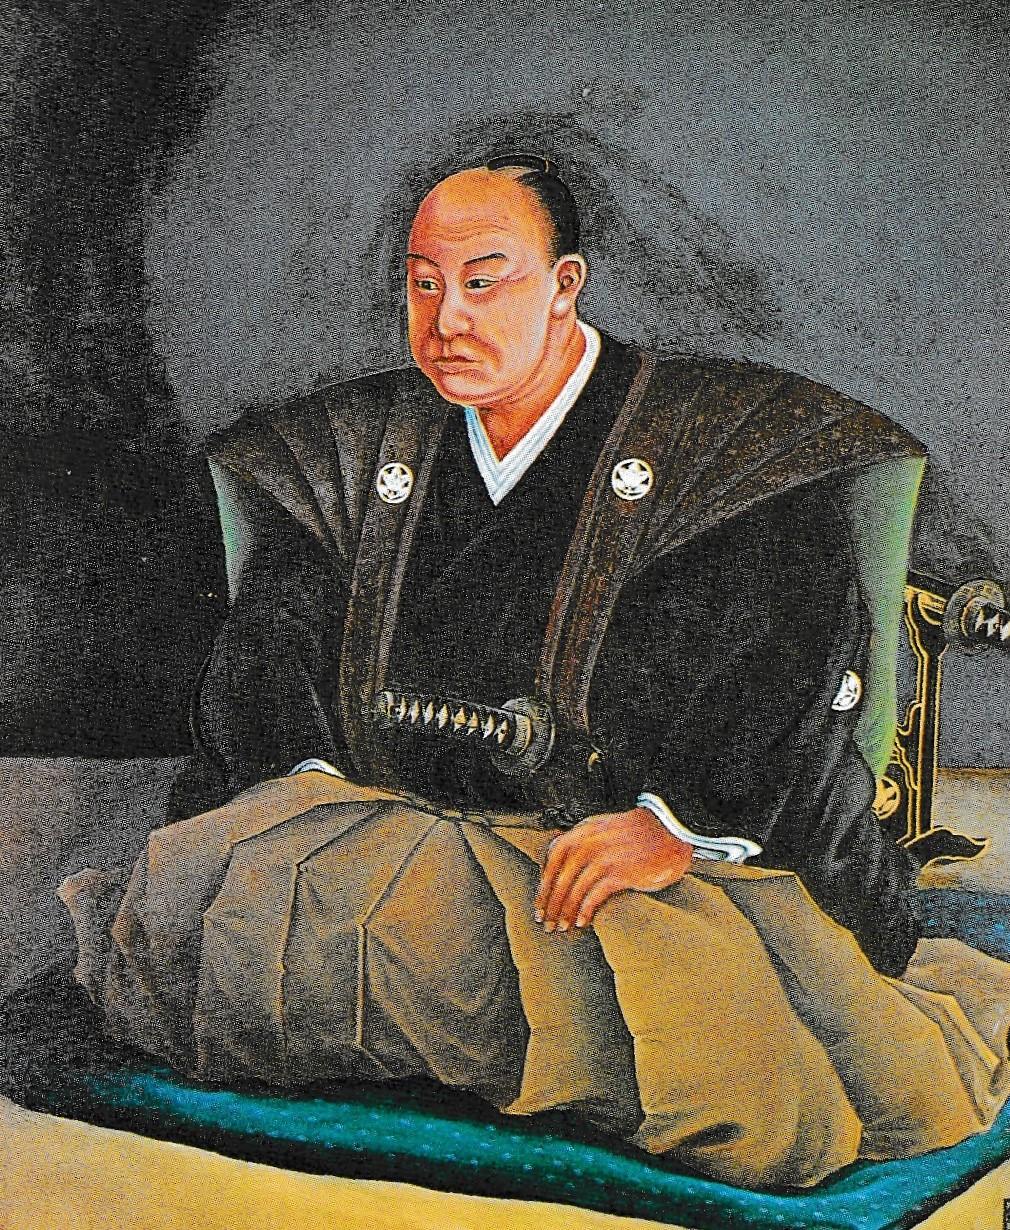 「司馬遼太郎を語る会」(3月例会のご案内)